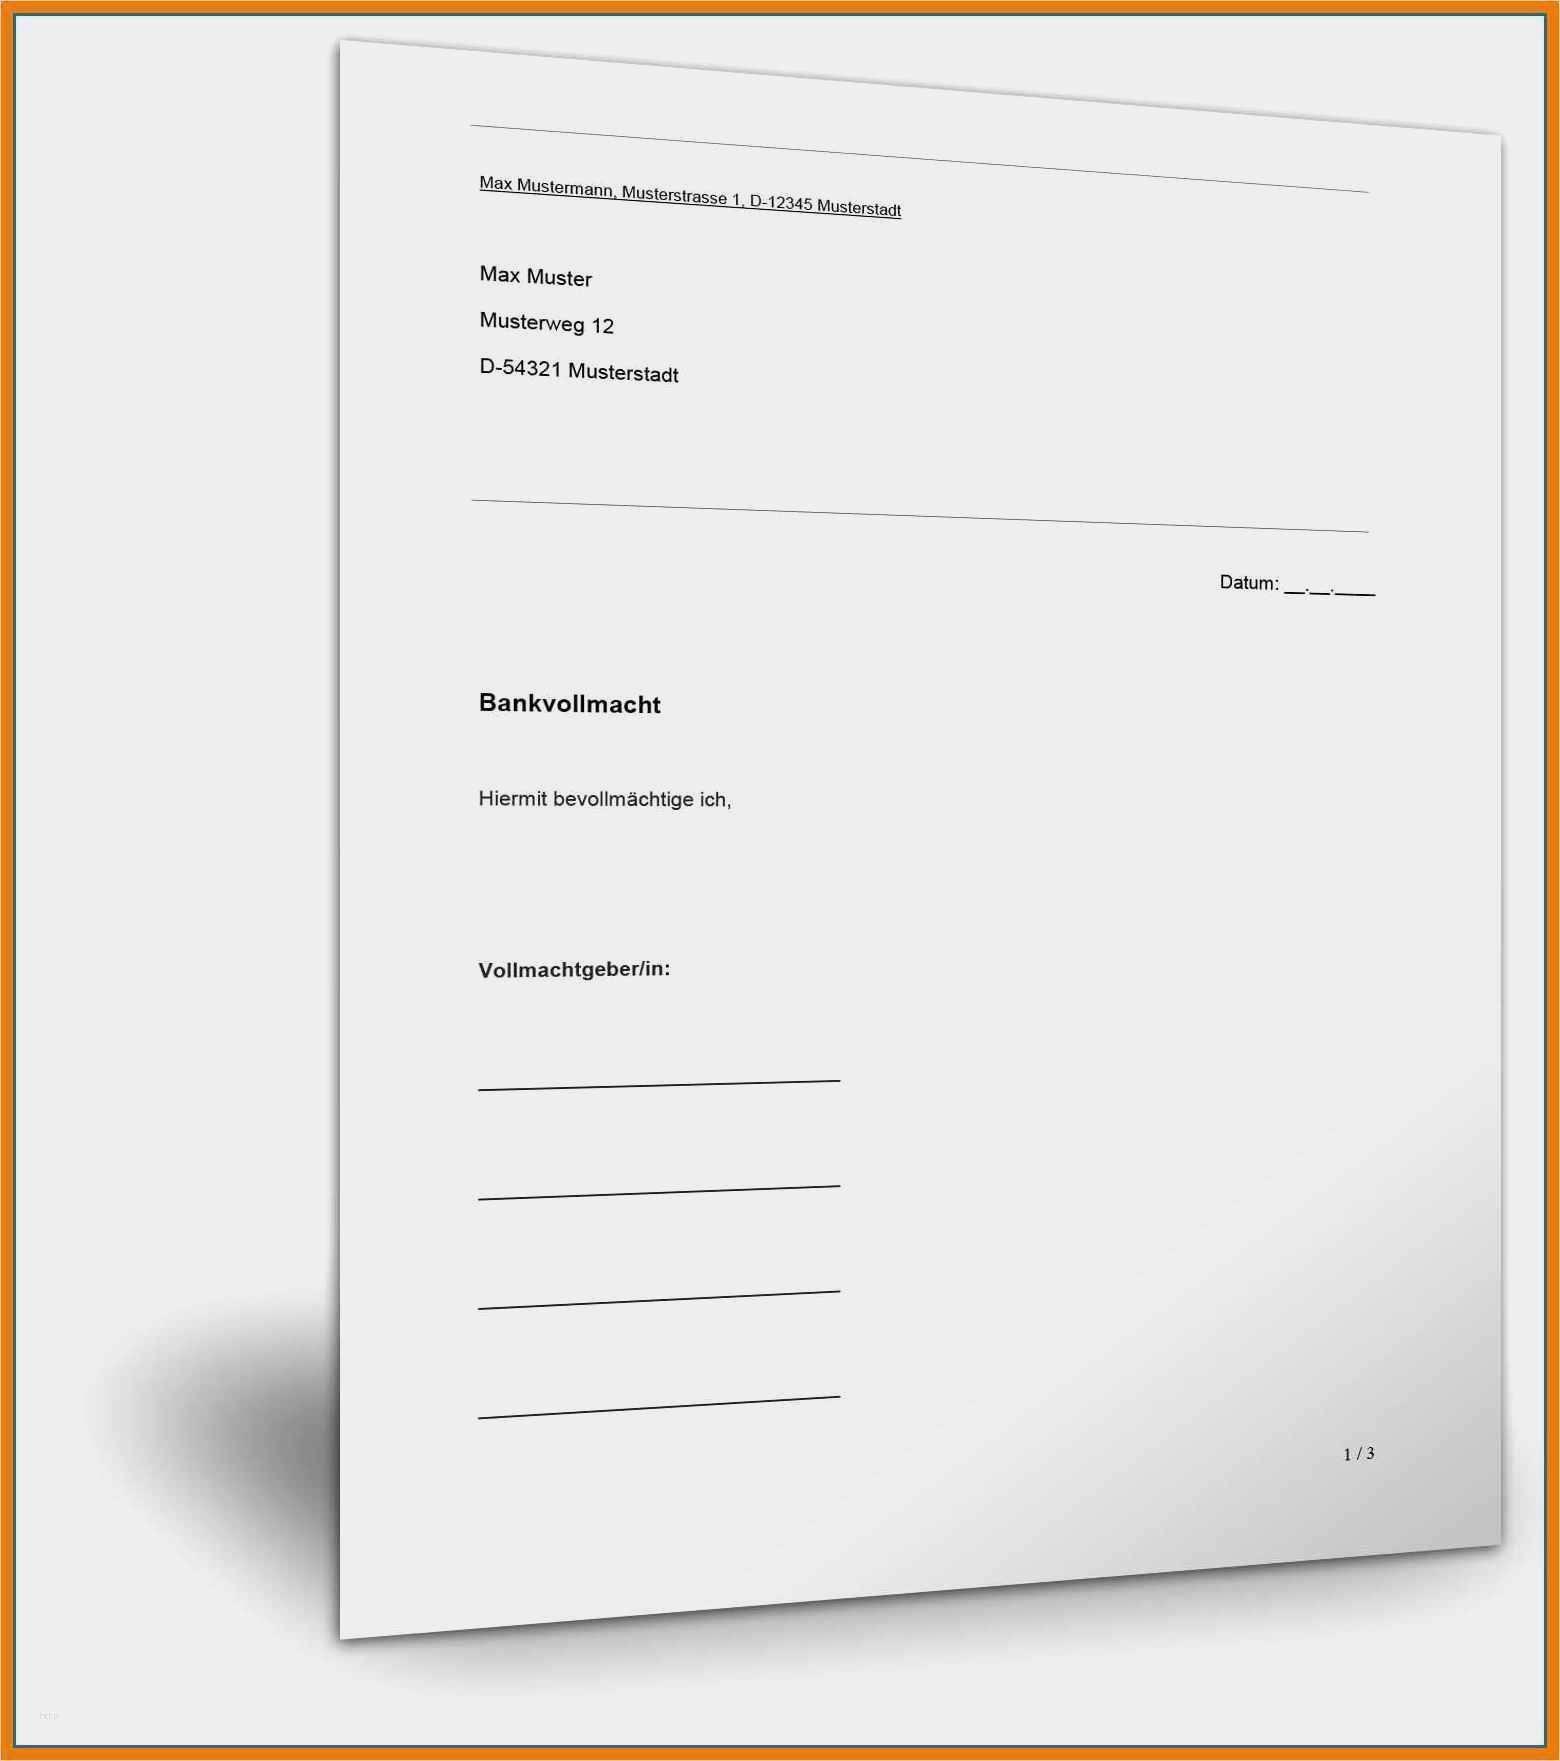 39 Genial Falschparker Zettel Vorlage Ideen Vorlagen Falschparker Zeugnis Vorlage